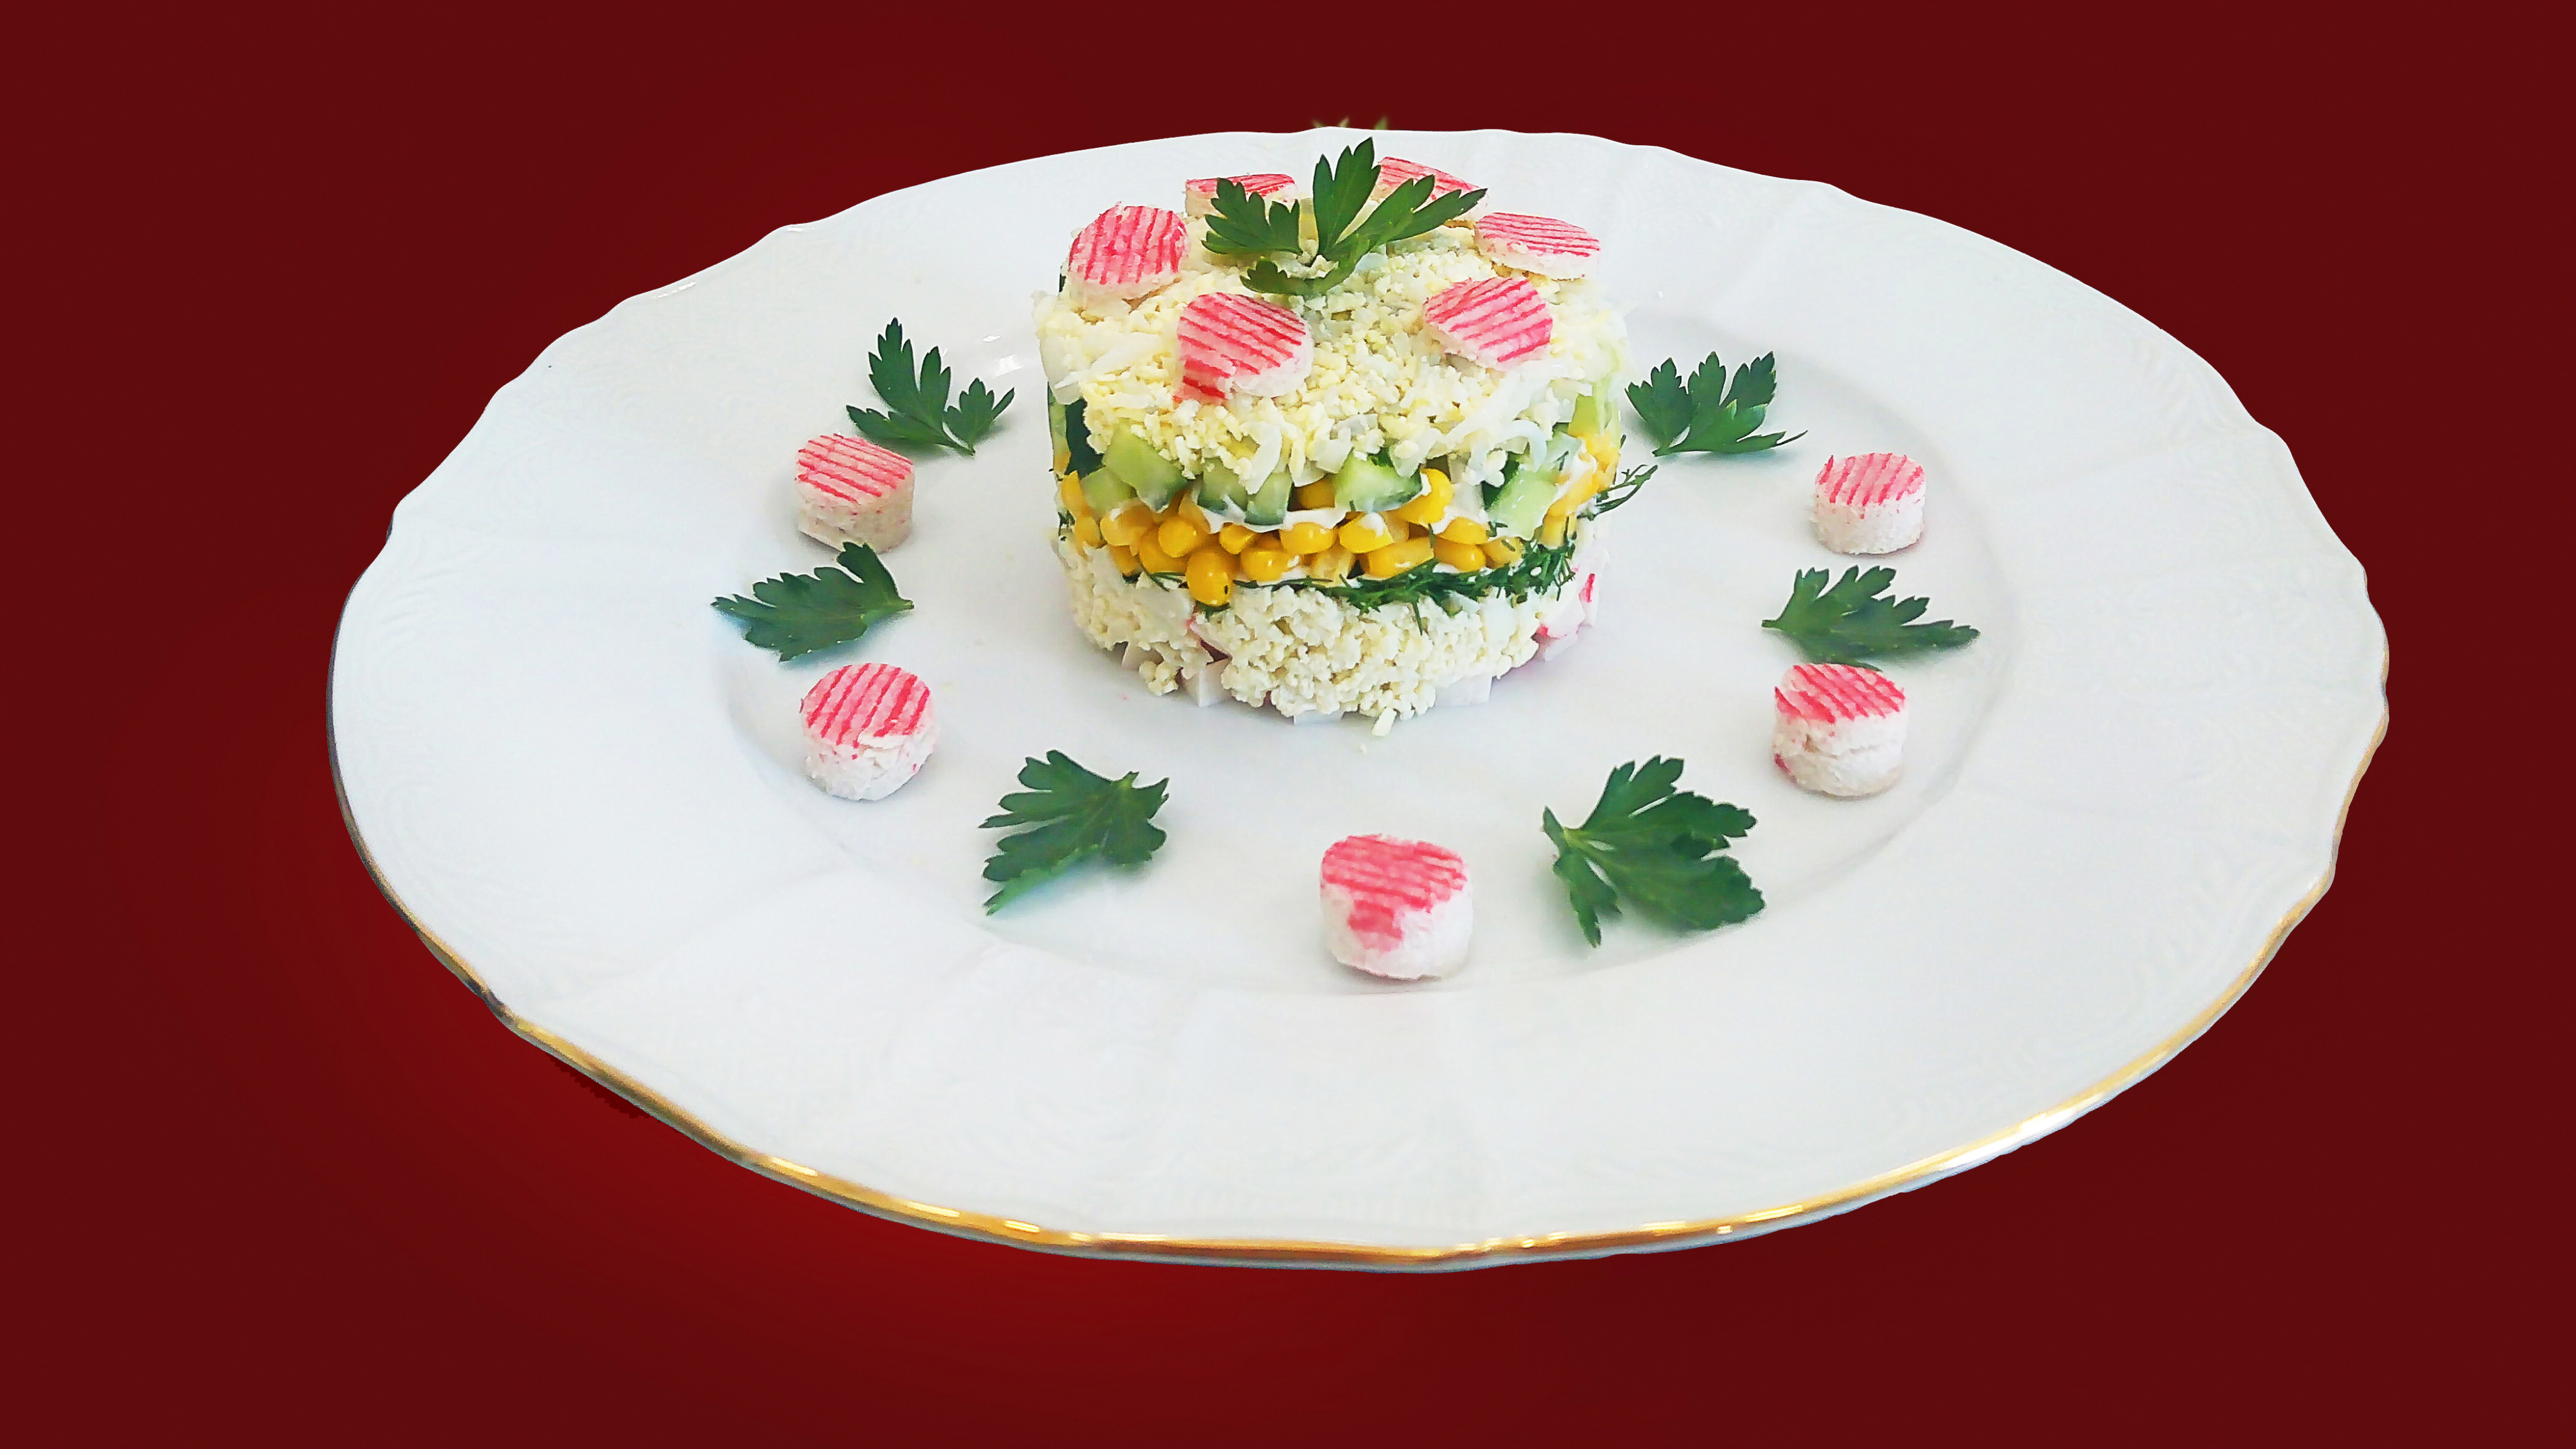 рецепт салат кукуруза рис крабовые палочки кукуруза